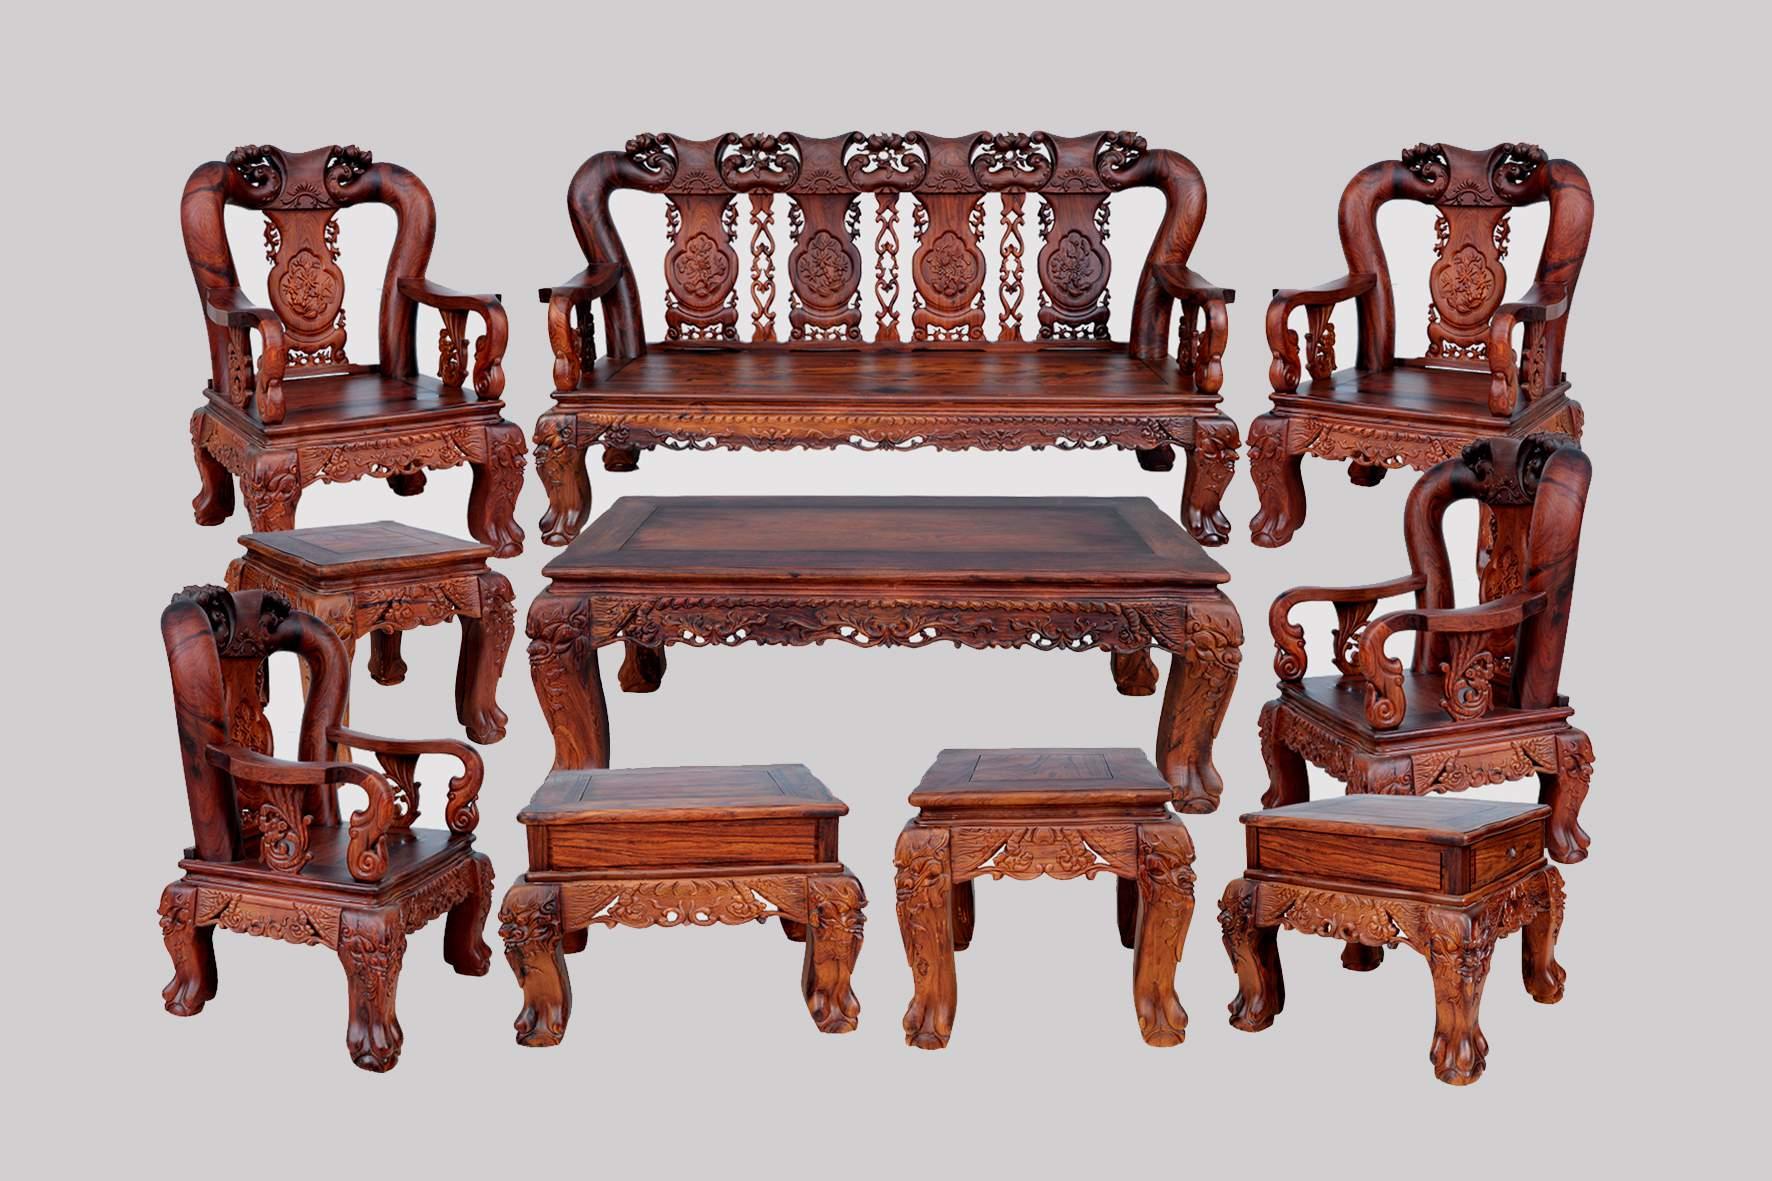 Mẫu bàn ghế gỗ cẩm lai – TC18137